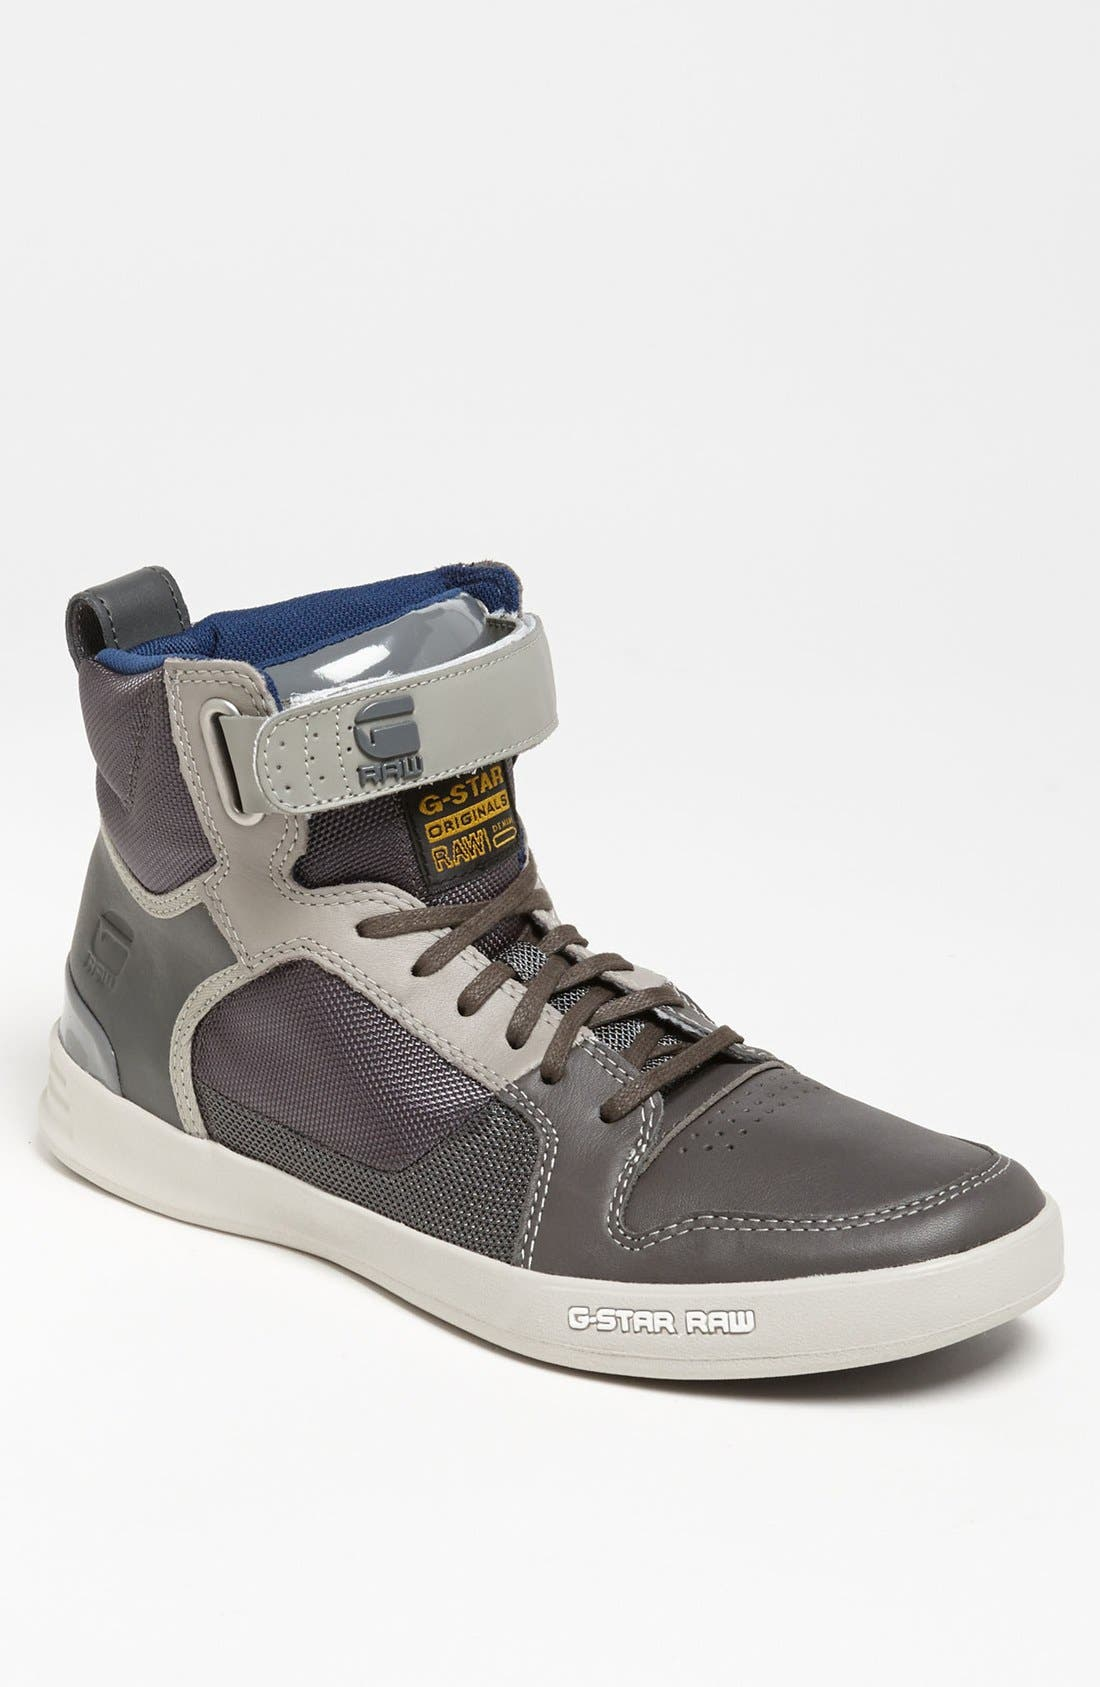 Alternate Image 1 Selected - G-Star Raw 'Yard Bullion' Sneaker (Men)